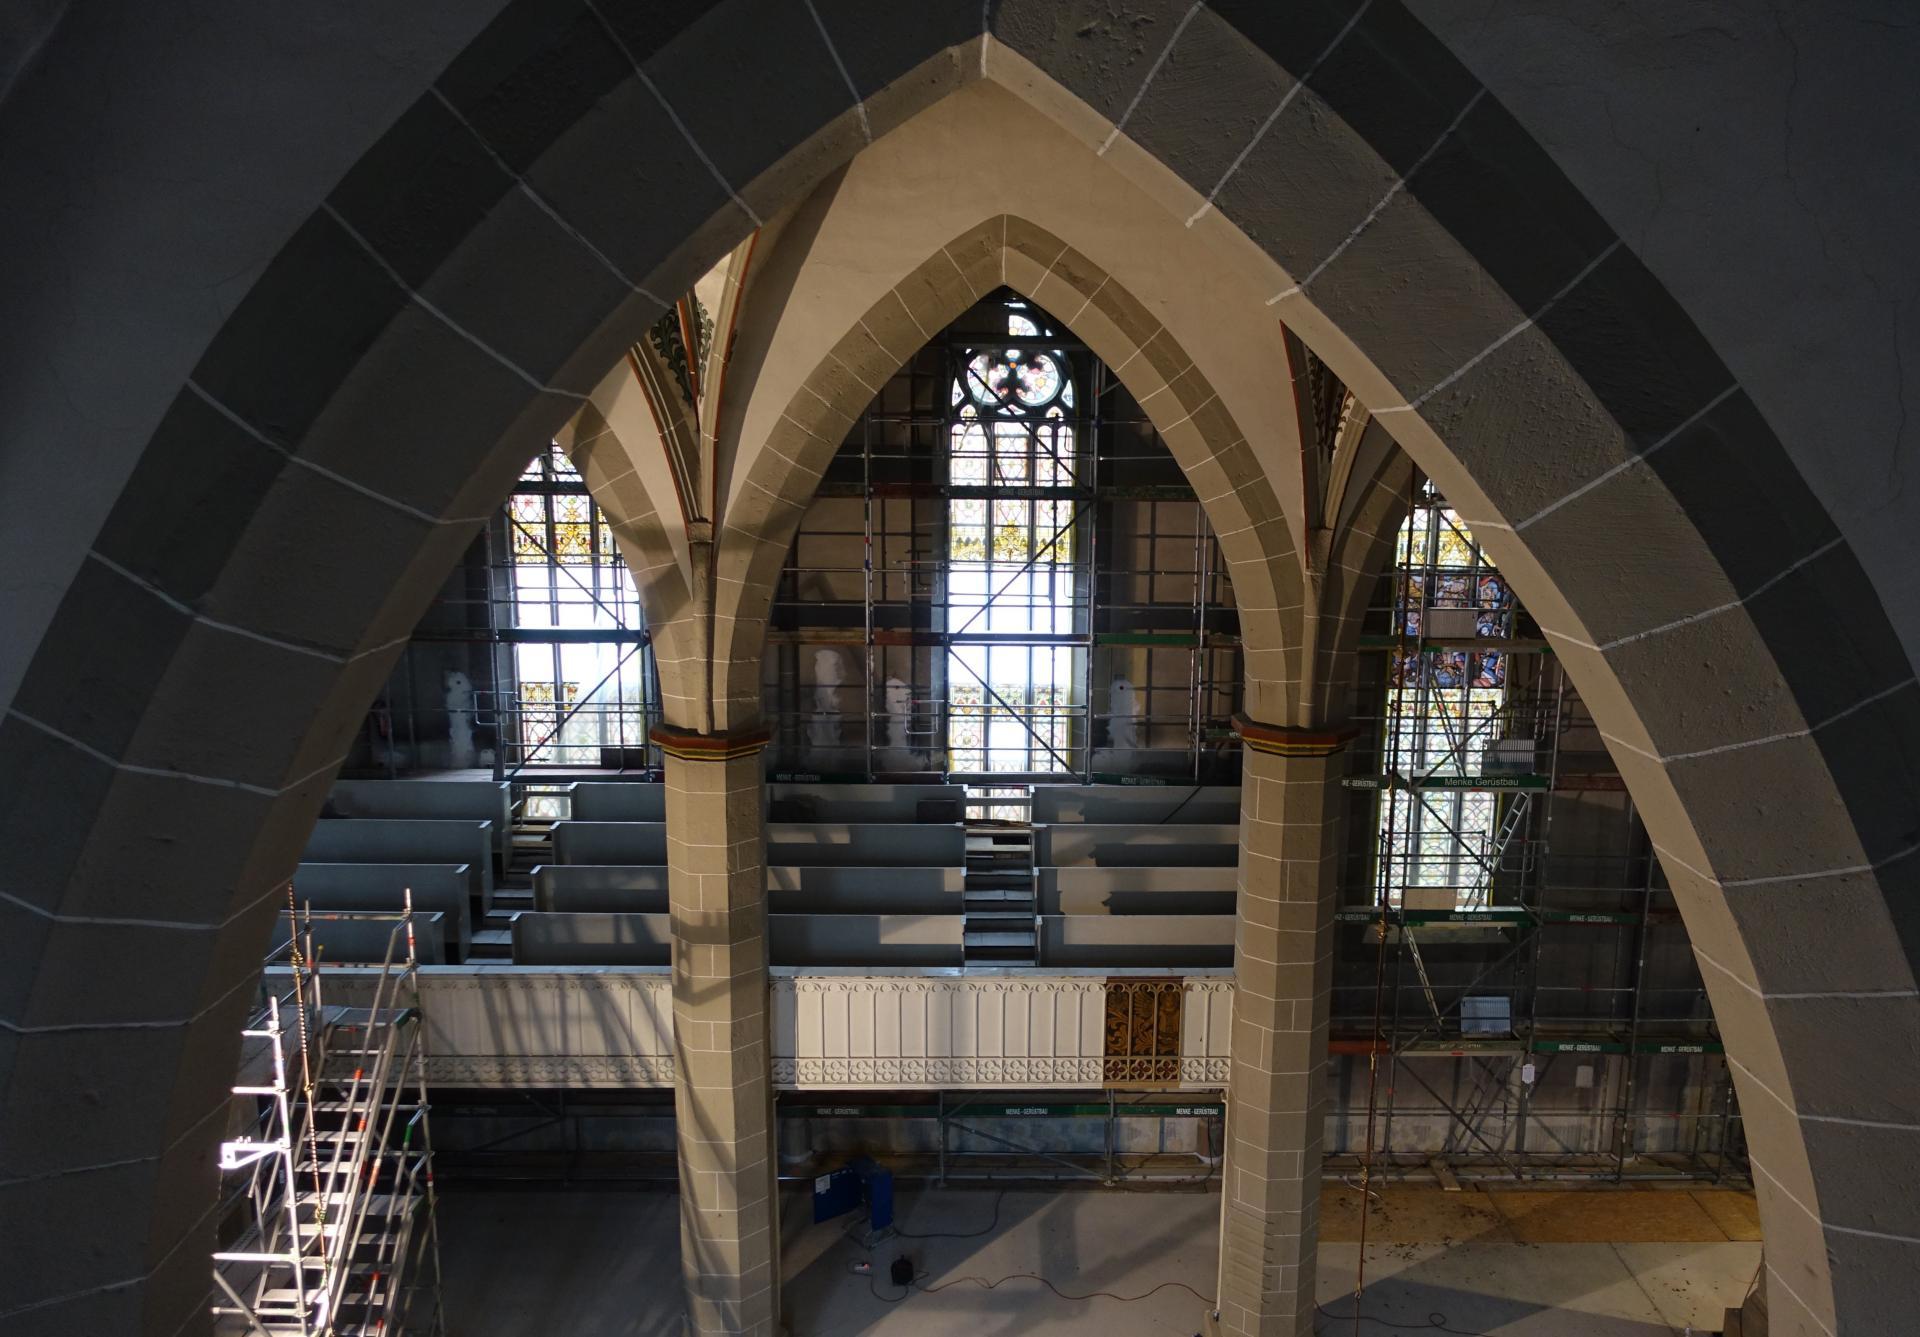 Bild von ganz oben in Richtung Seitenempore über dem nördlichen Seitenschiff. Der fotografischen Standort war nicht ganz schwindelfrei.